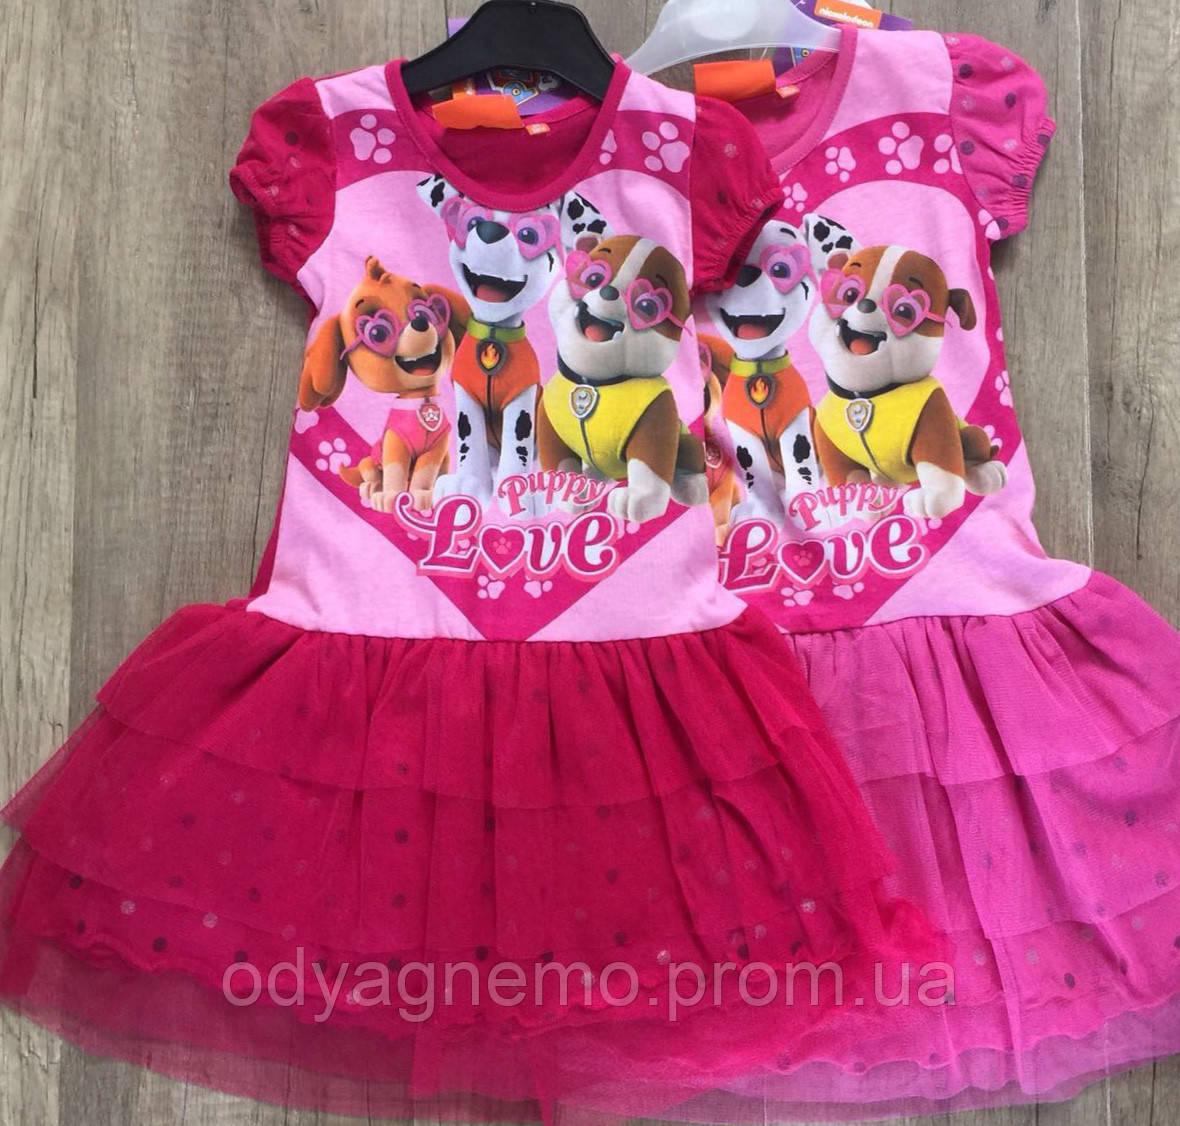 Платье для девочек Paw Patrol оптом, 3-8 лет.